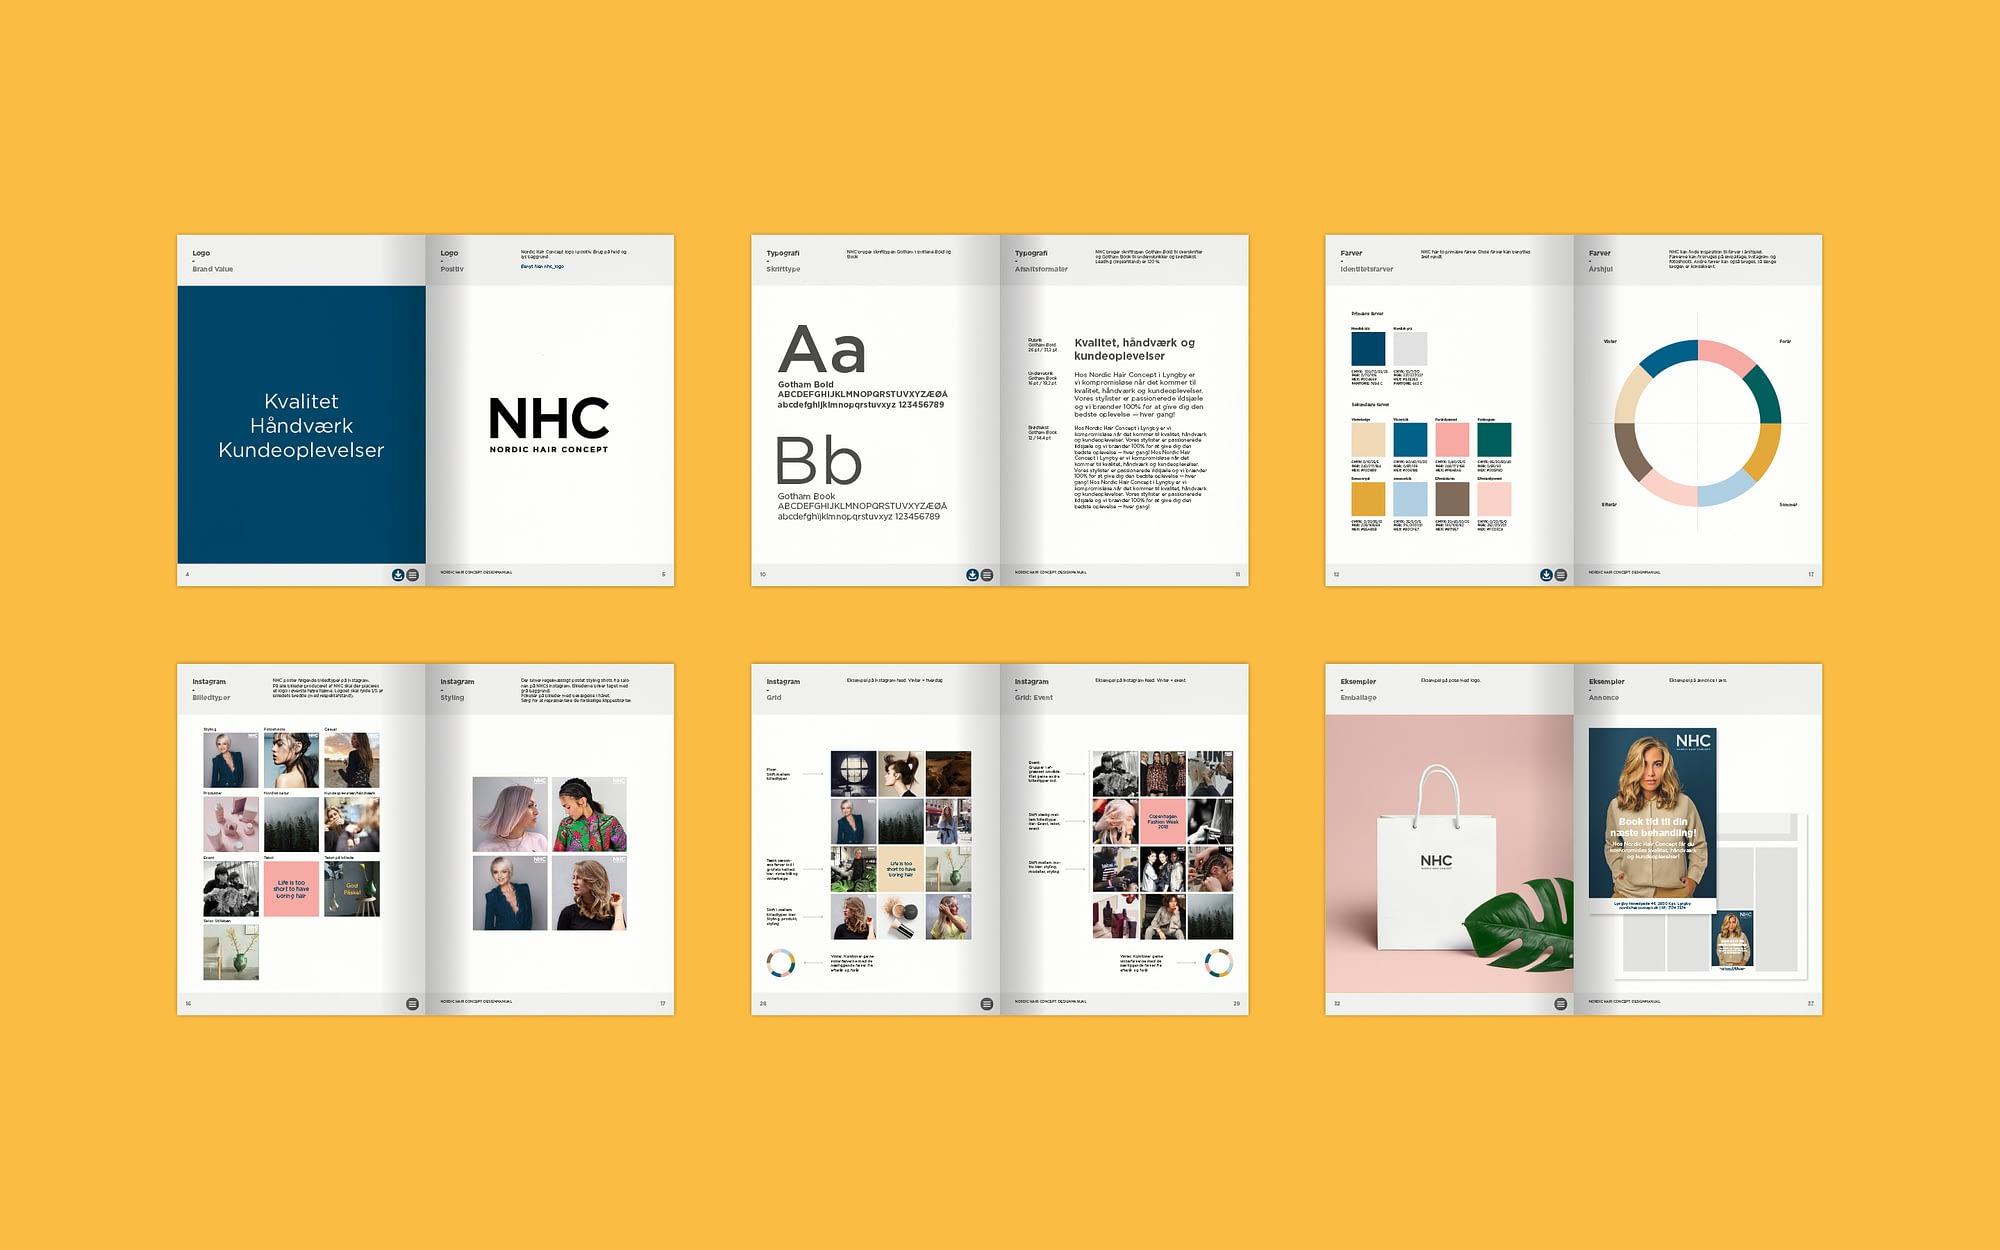 Social media visuel identitet til NHC